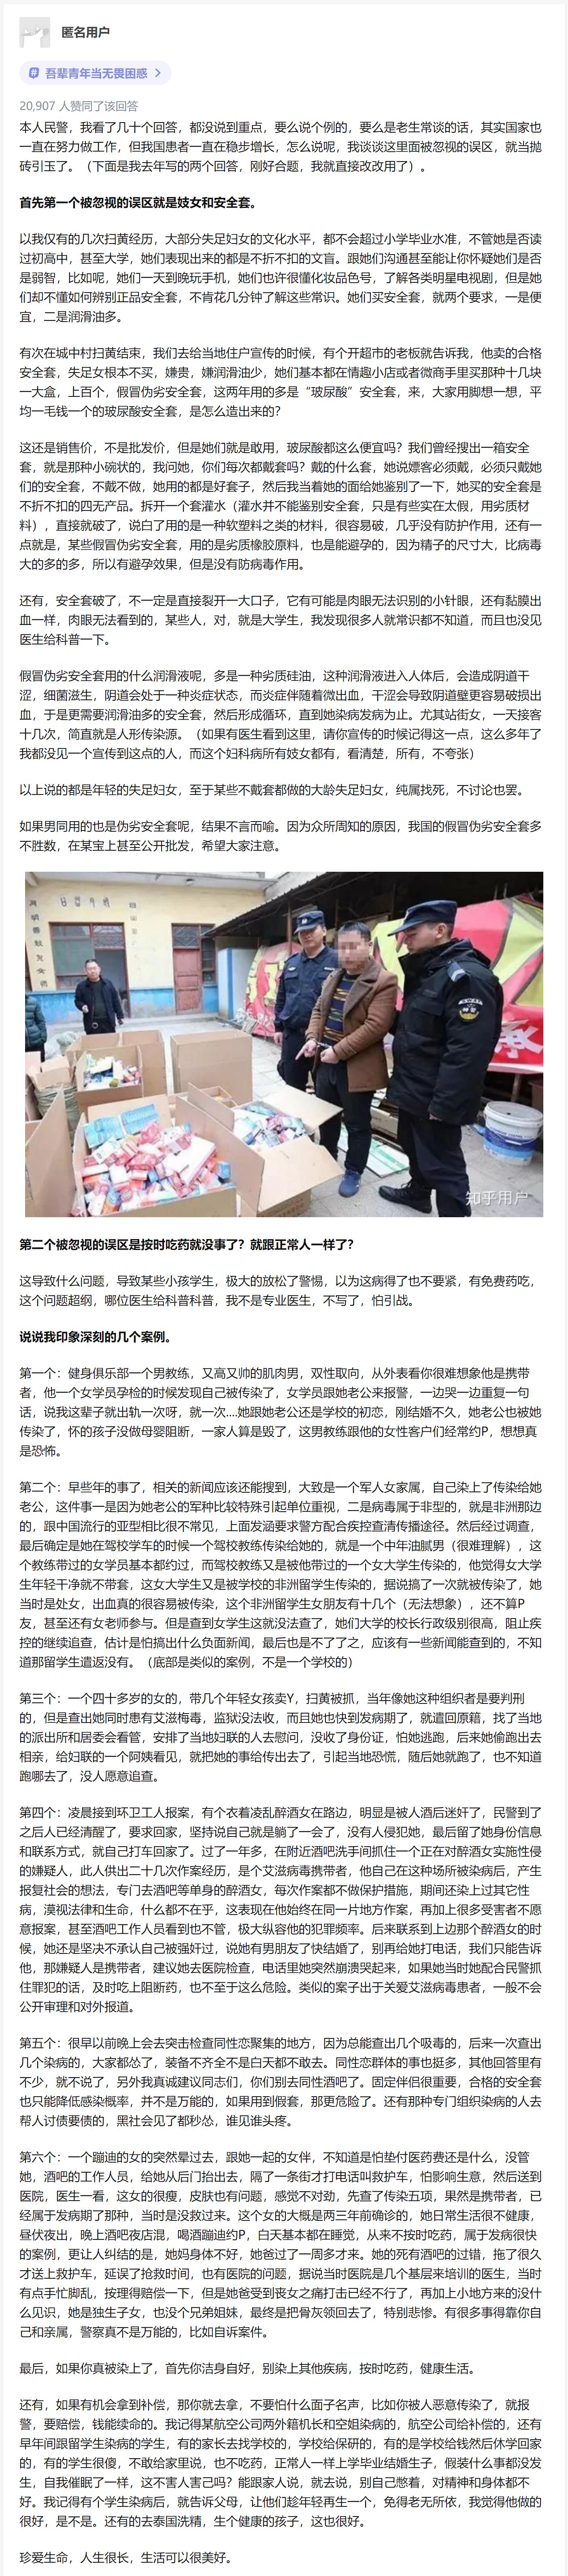 办案民JING谈为什么中国的艾滋病患者这么多,真实案例让人大跌眼镜